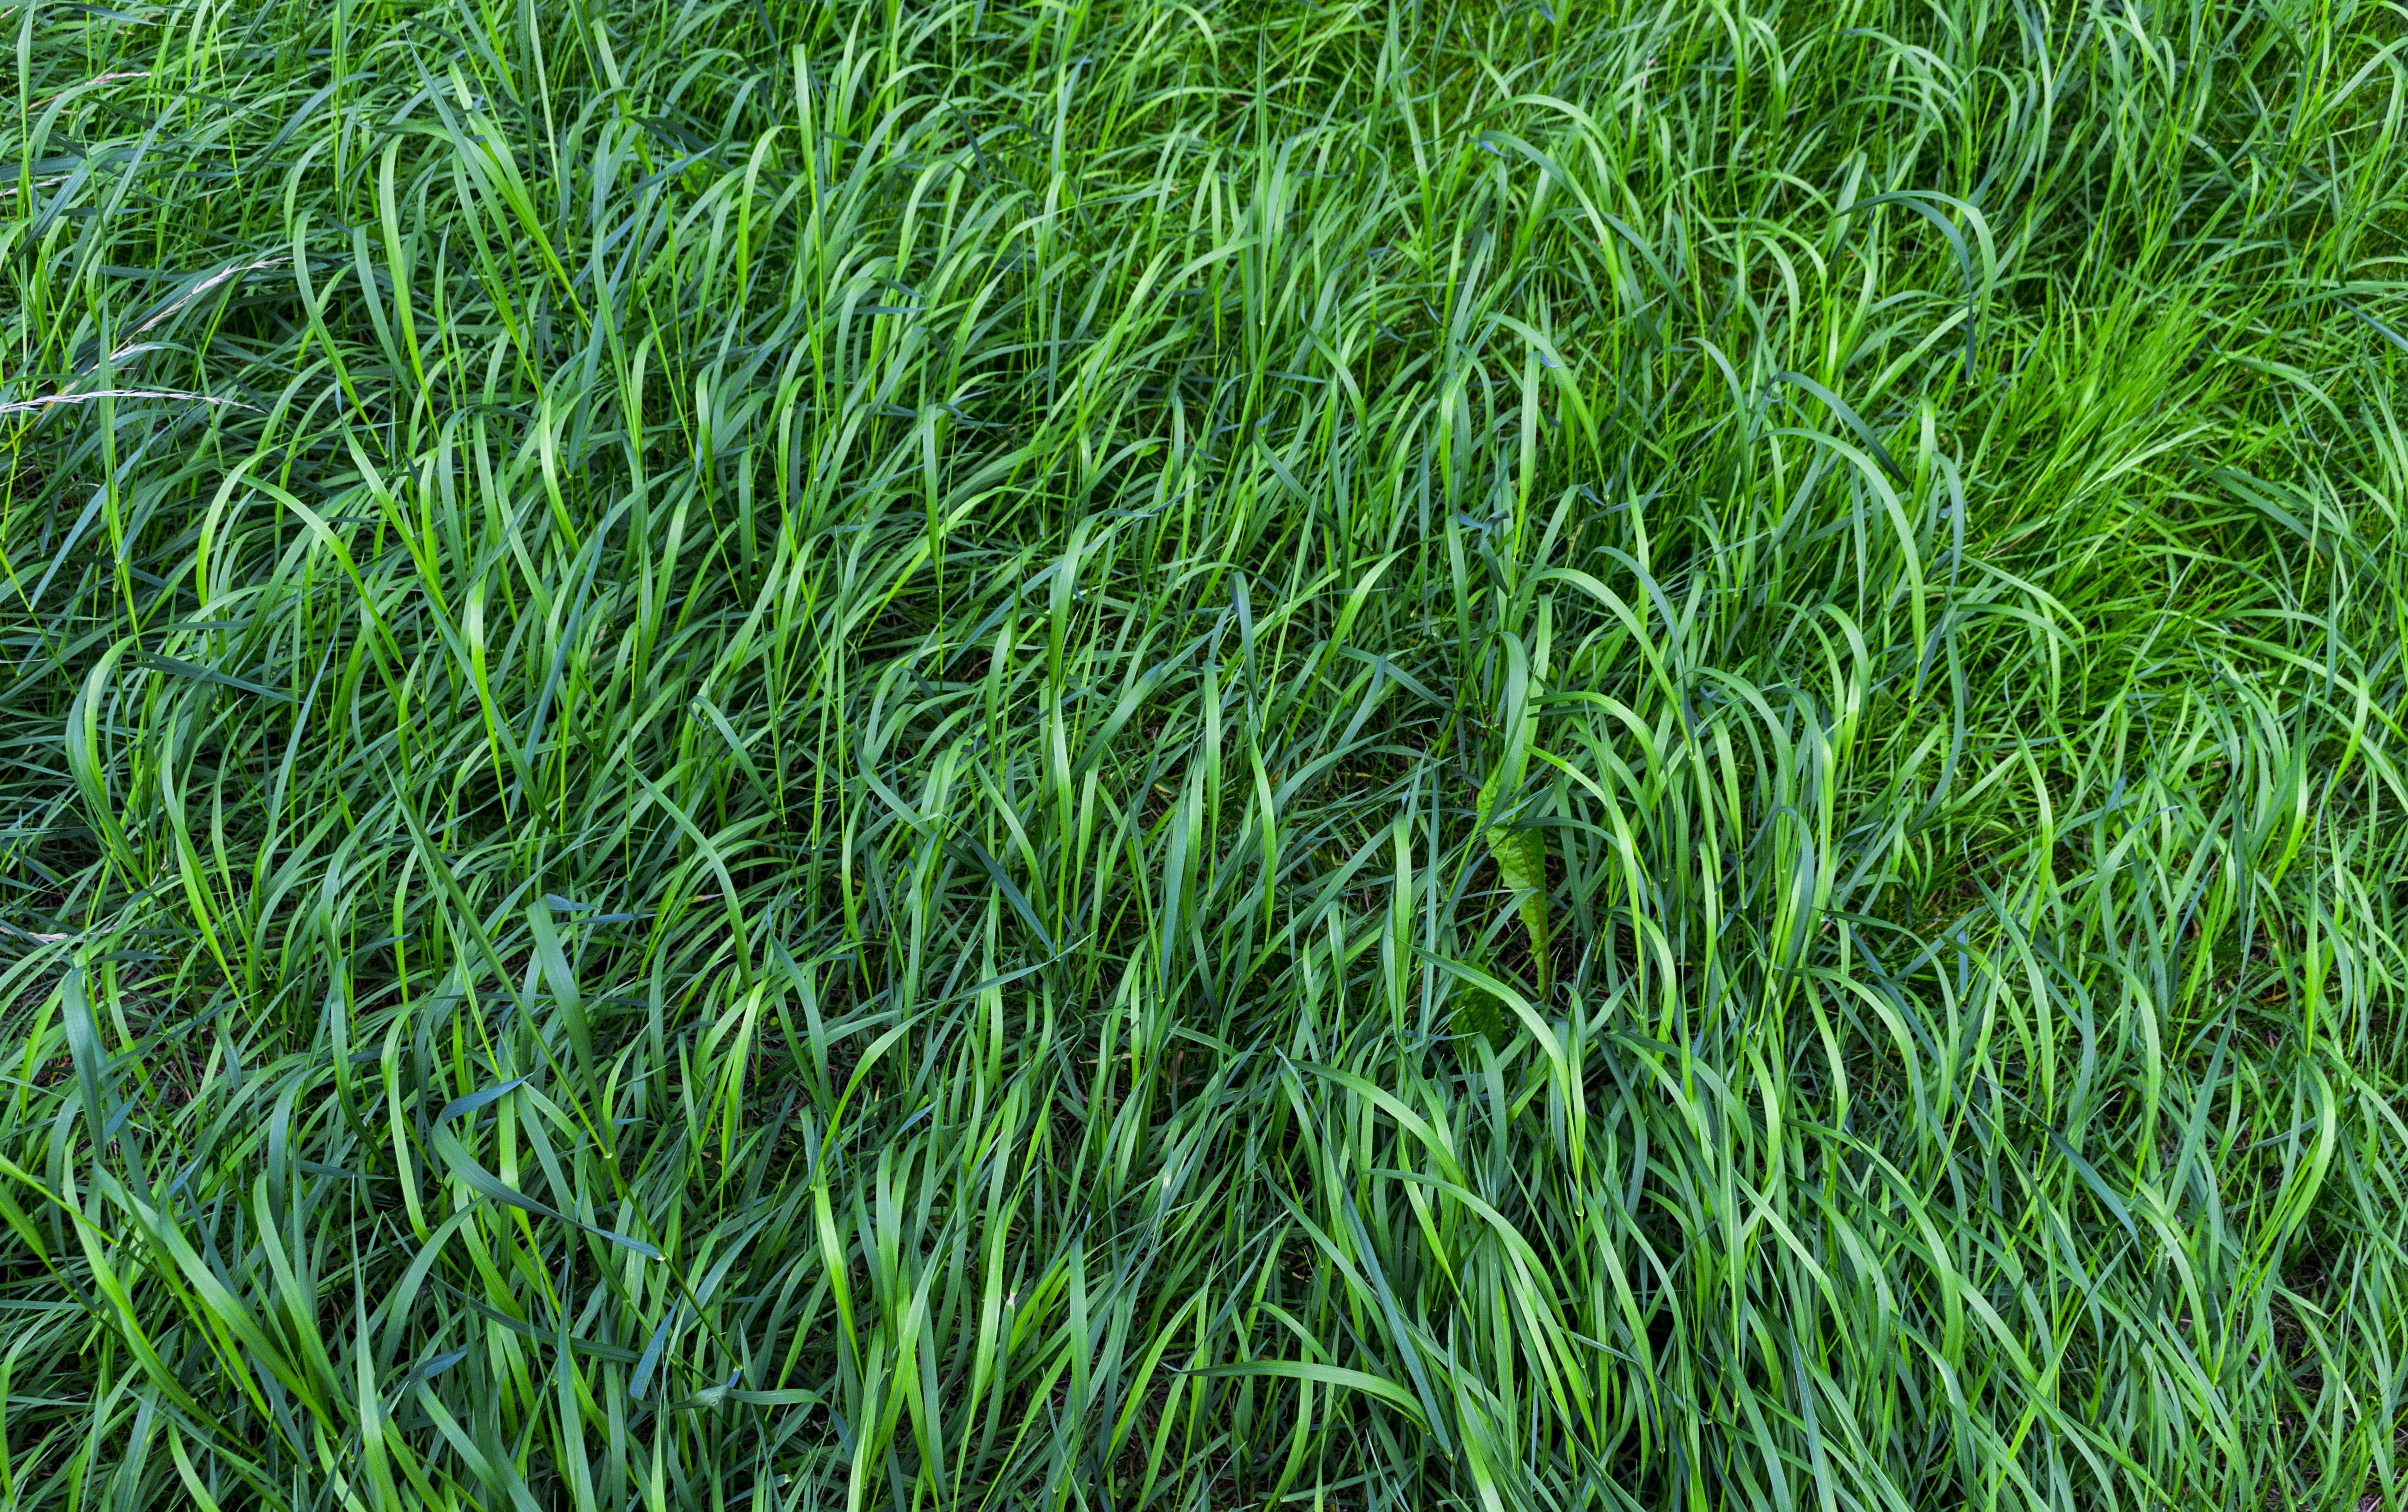 Shallow Focus Photo of Green Grass Field